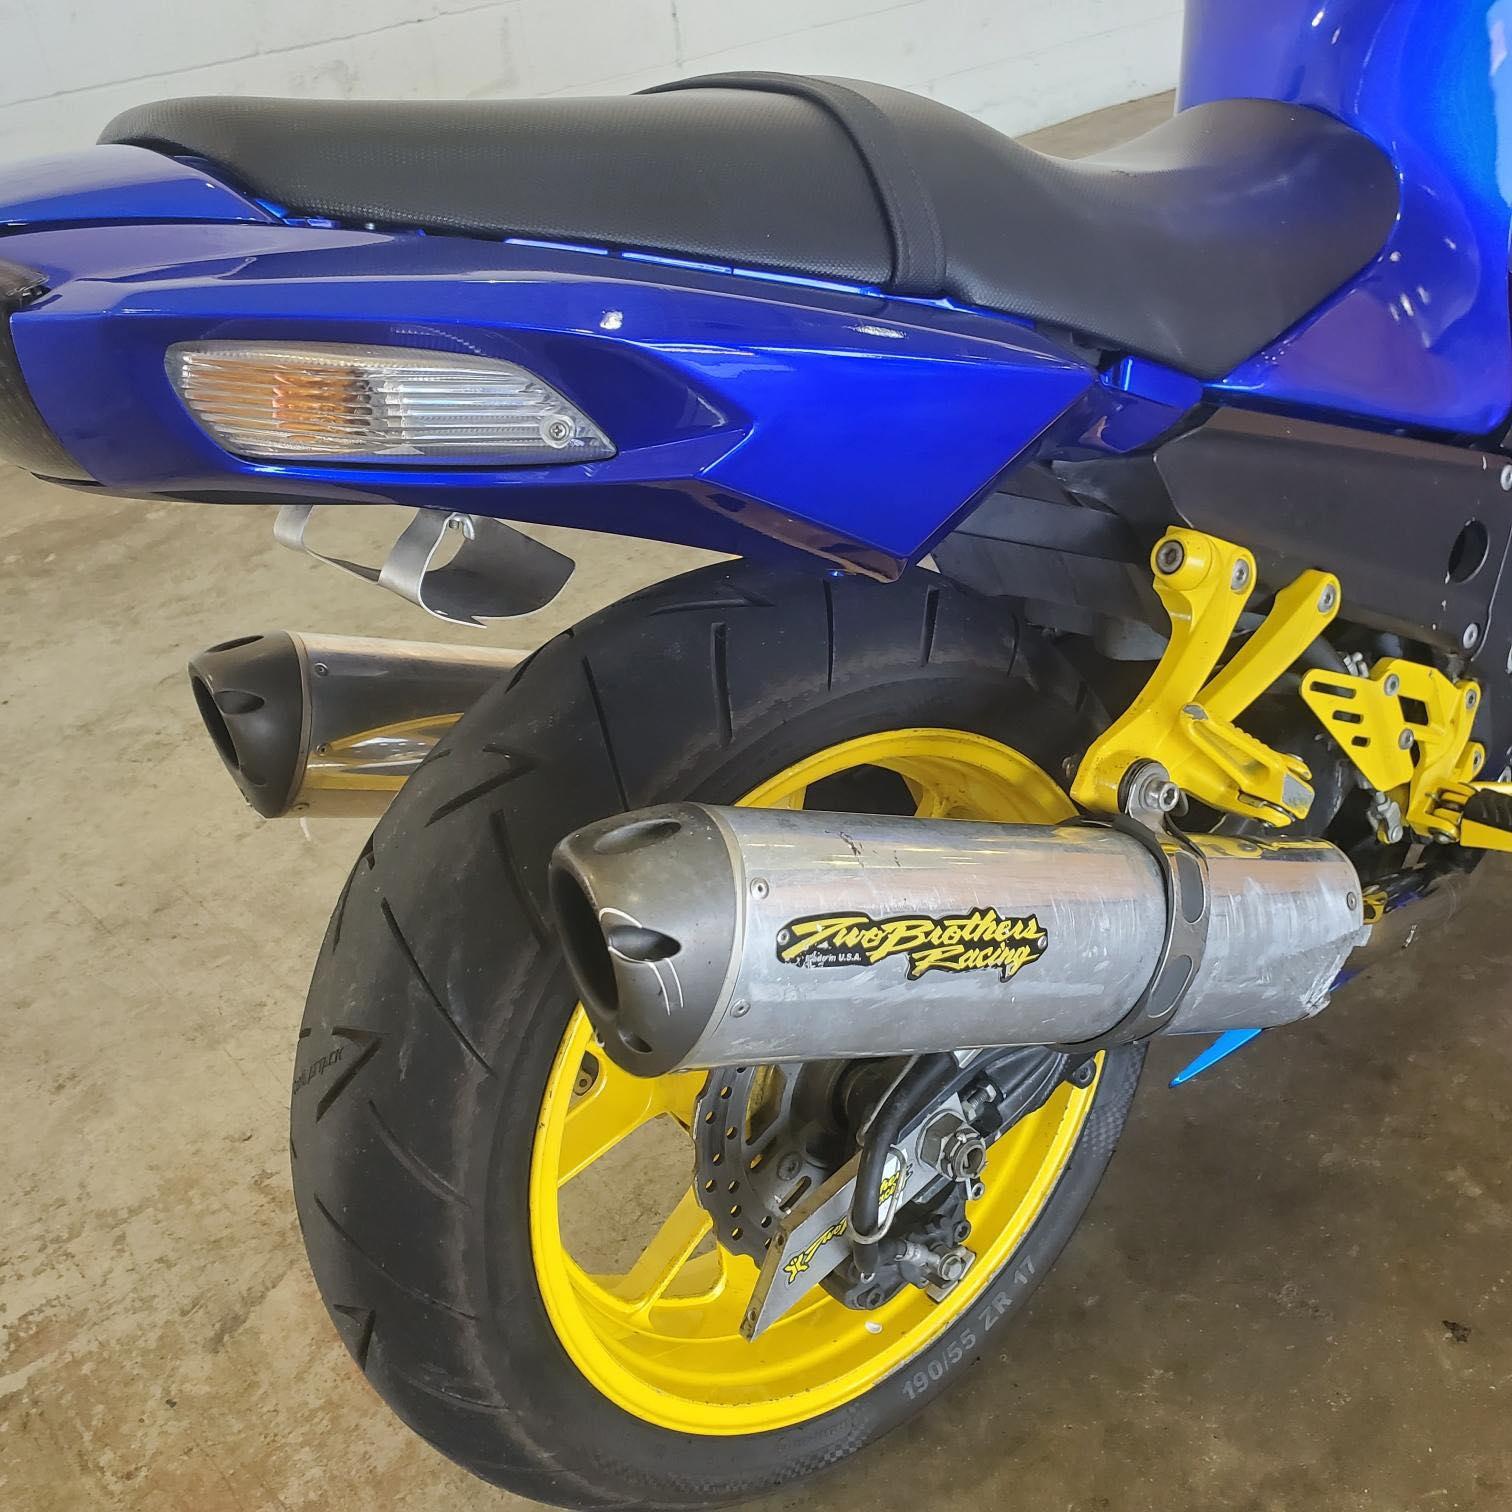 2007 Kawasaki Ninja ZX-14 at Twisted Cycles